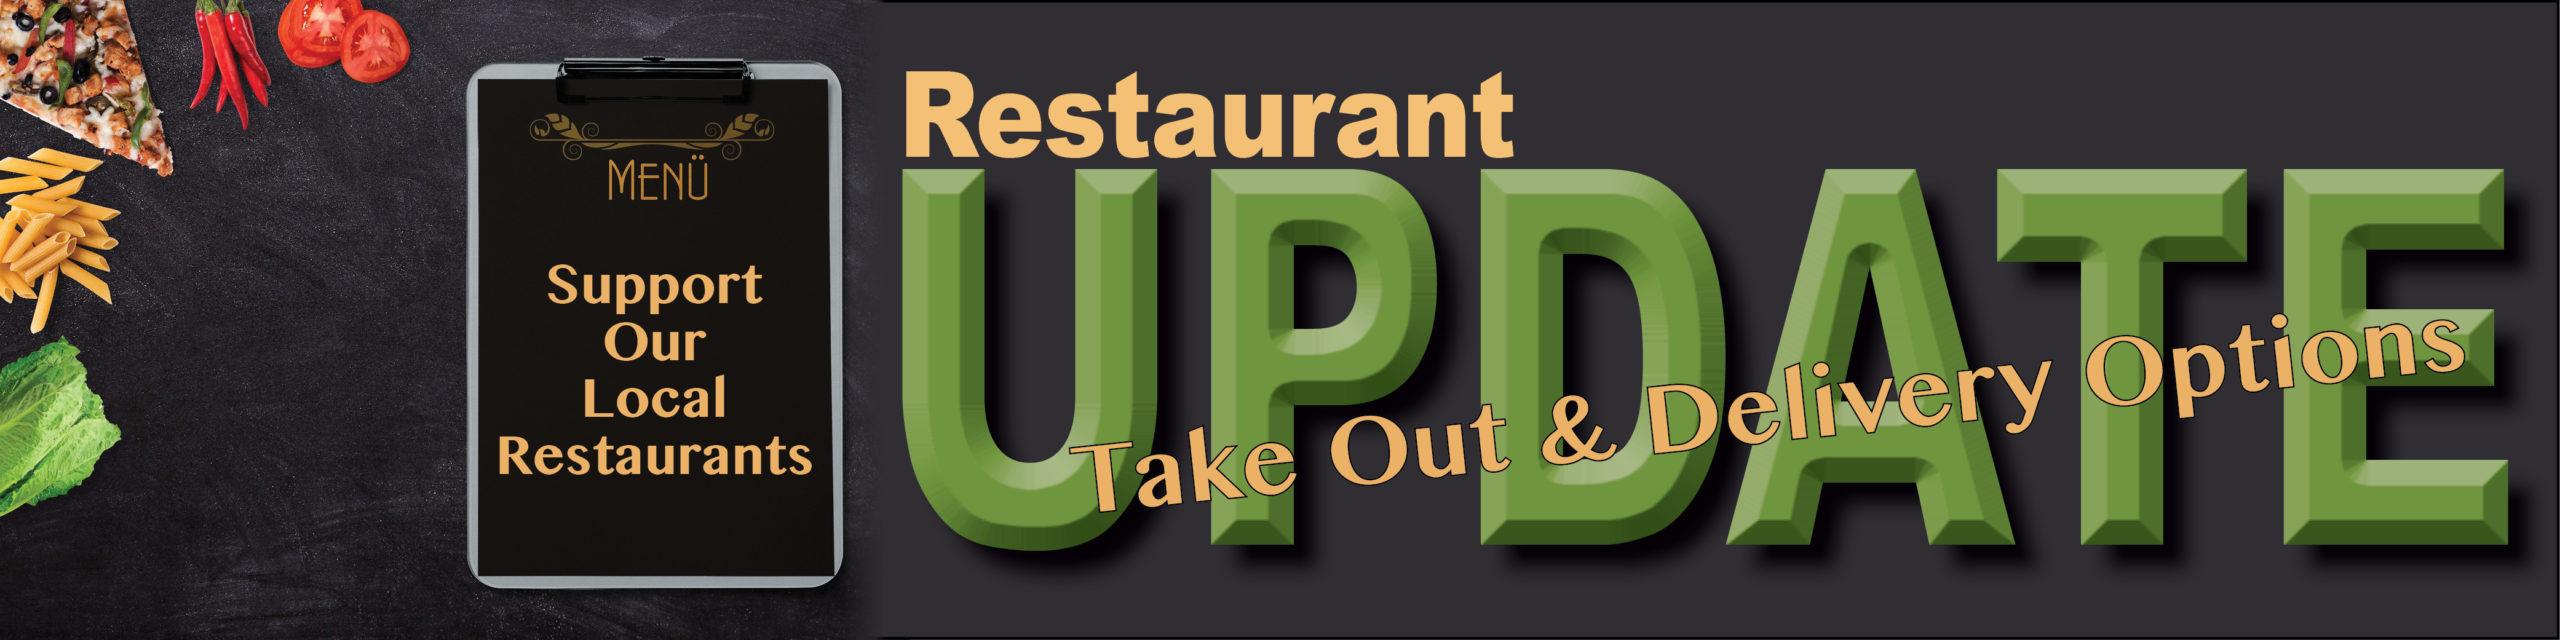 restaurant header web page b